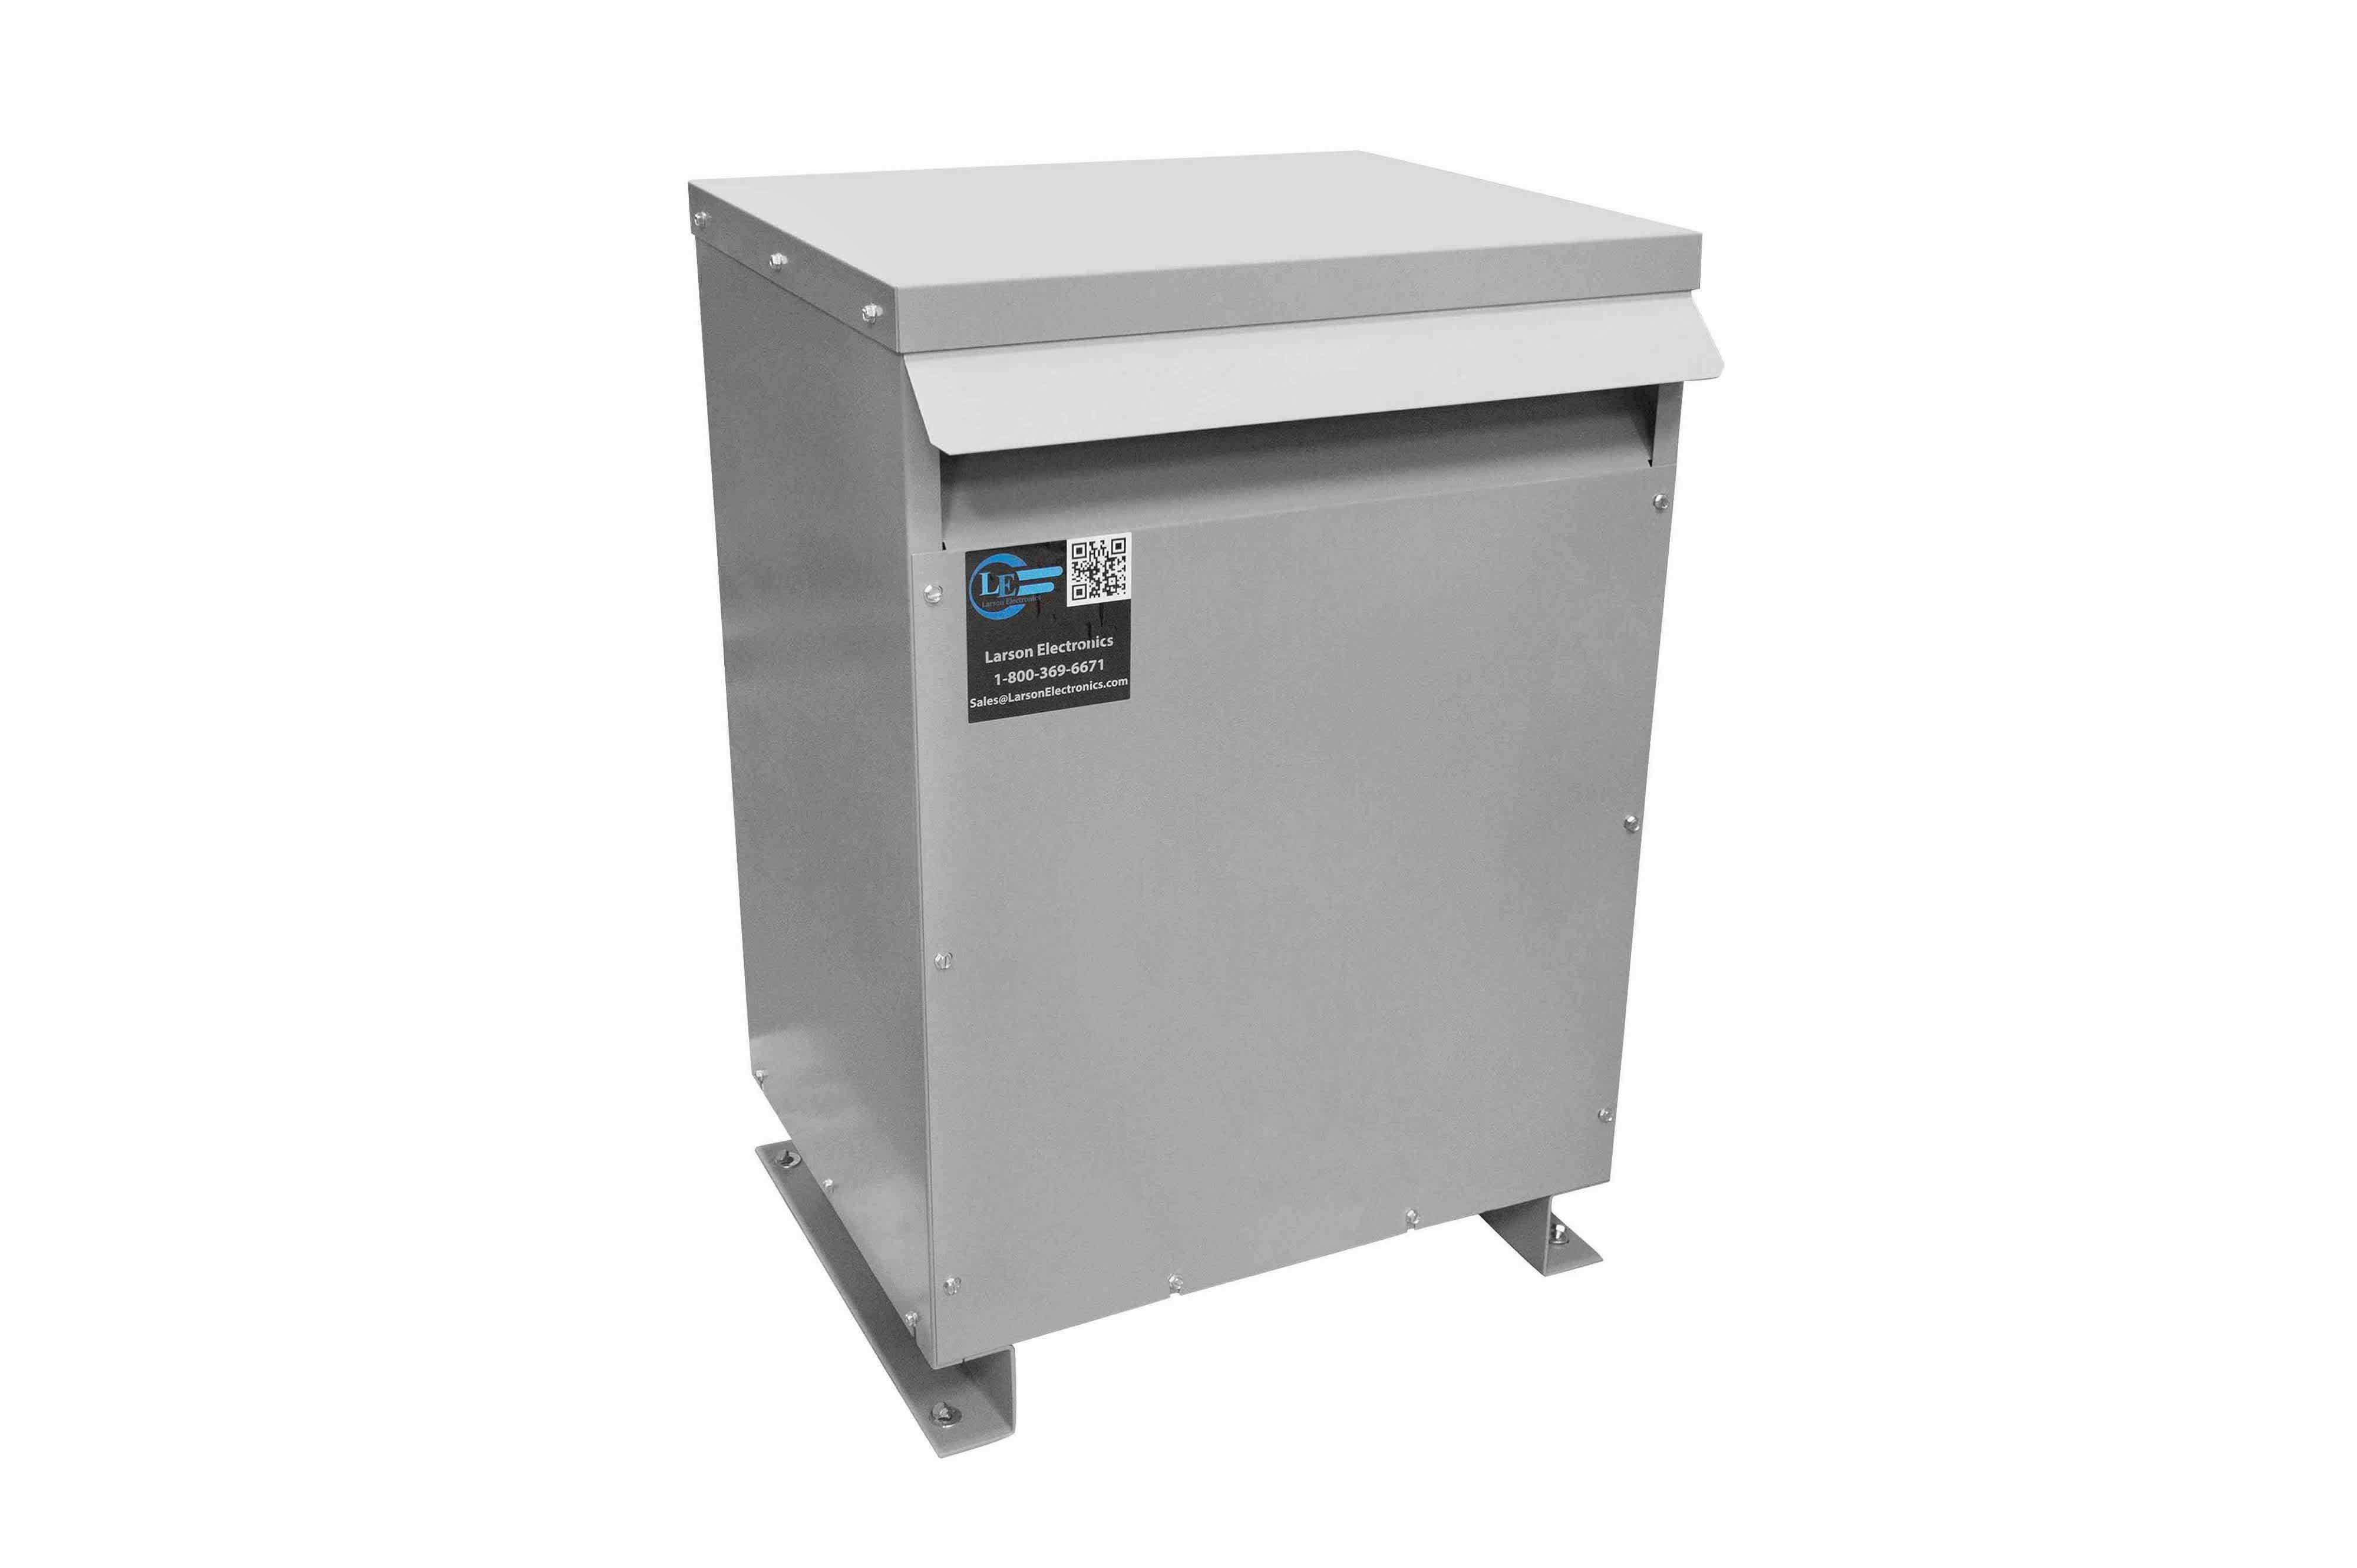 20 kVA 3PH Isolation Transformer, 208V Delta Primary, 240 Delta Secondary, N3R, Ventilated, 60 Hz